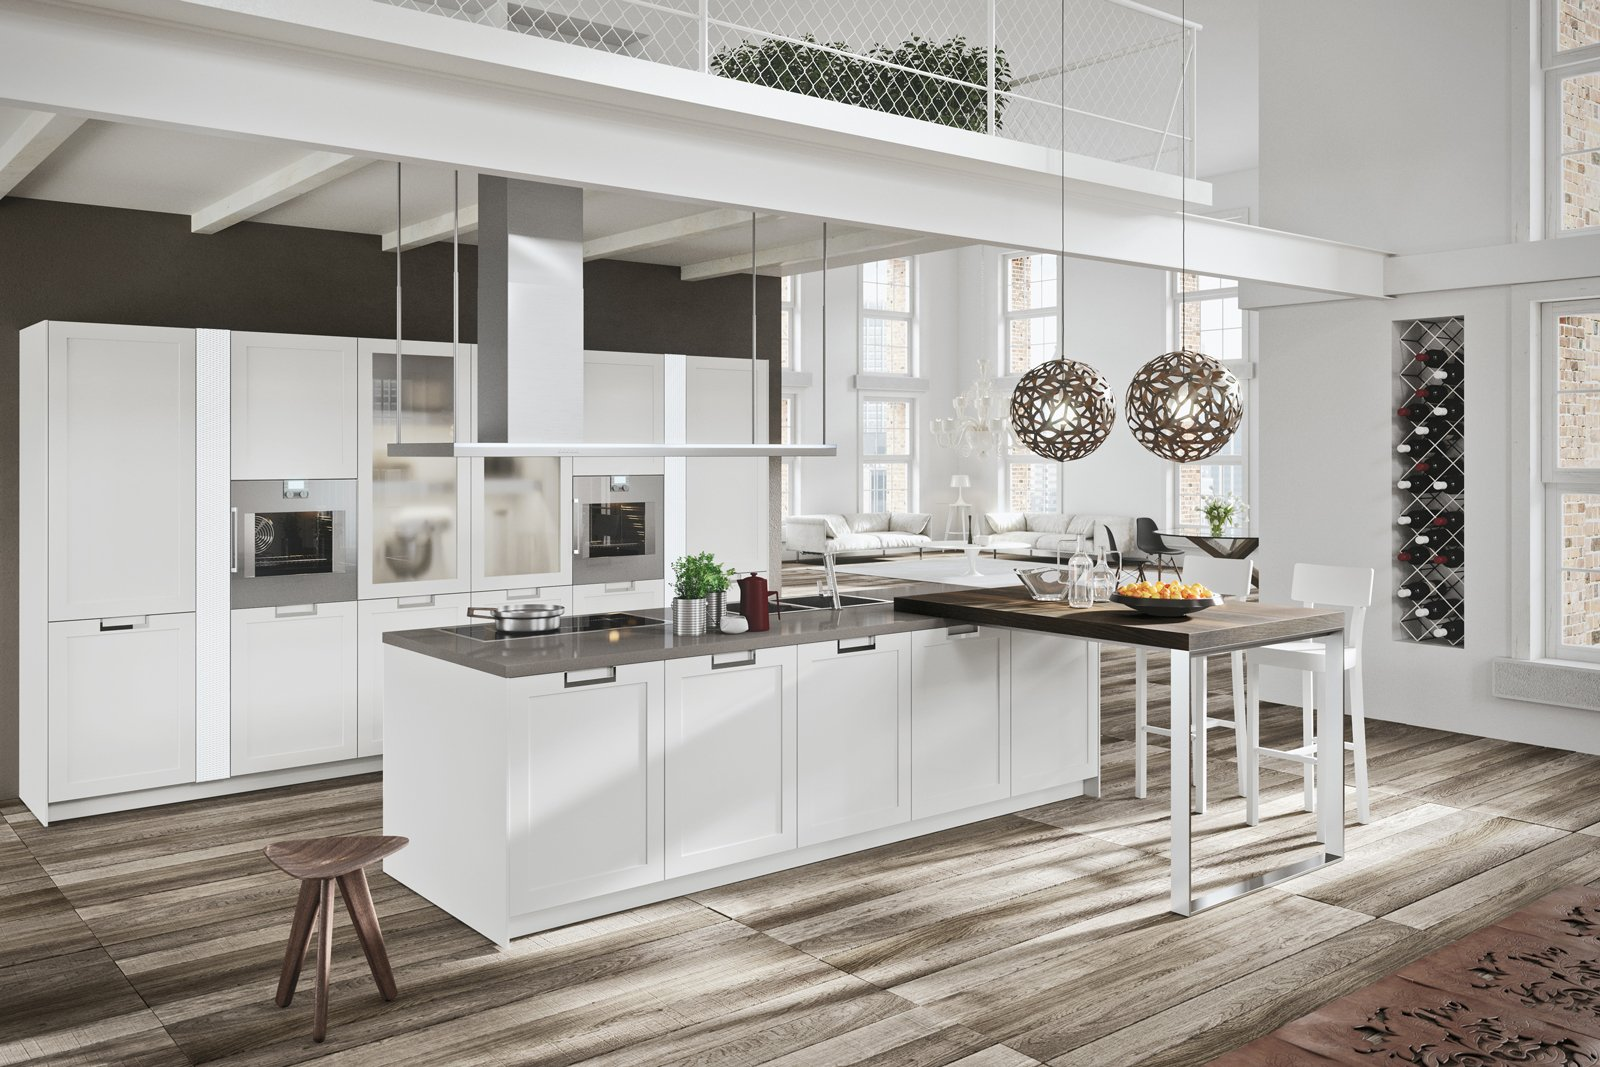 Cucine country chic soprattutto bianche o tinta legno for Negozio di metallo con appartamento